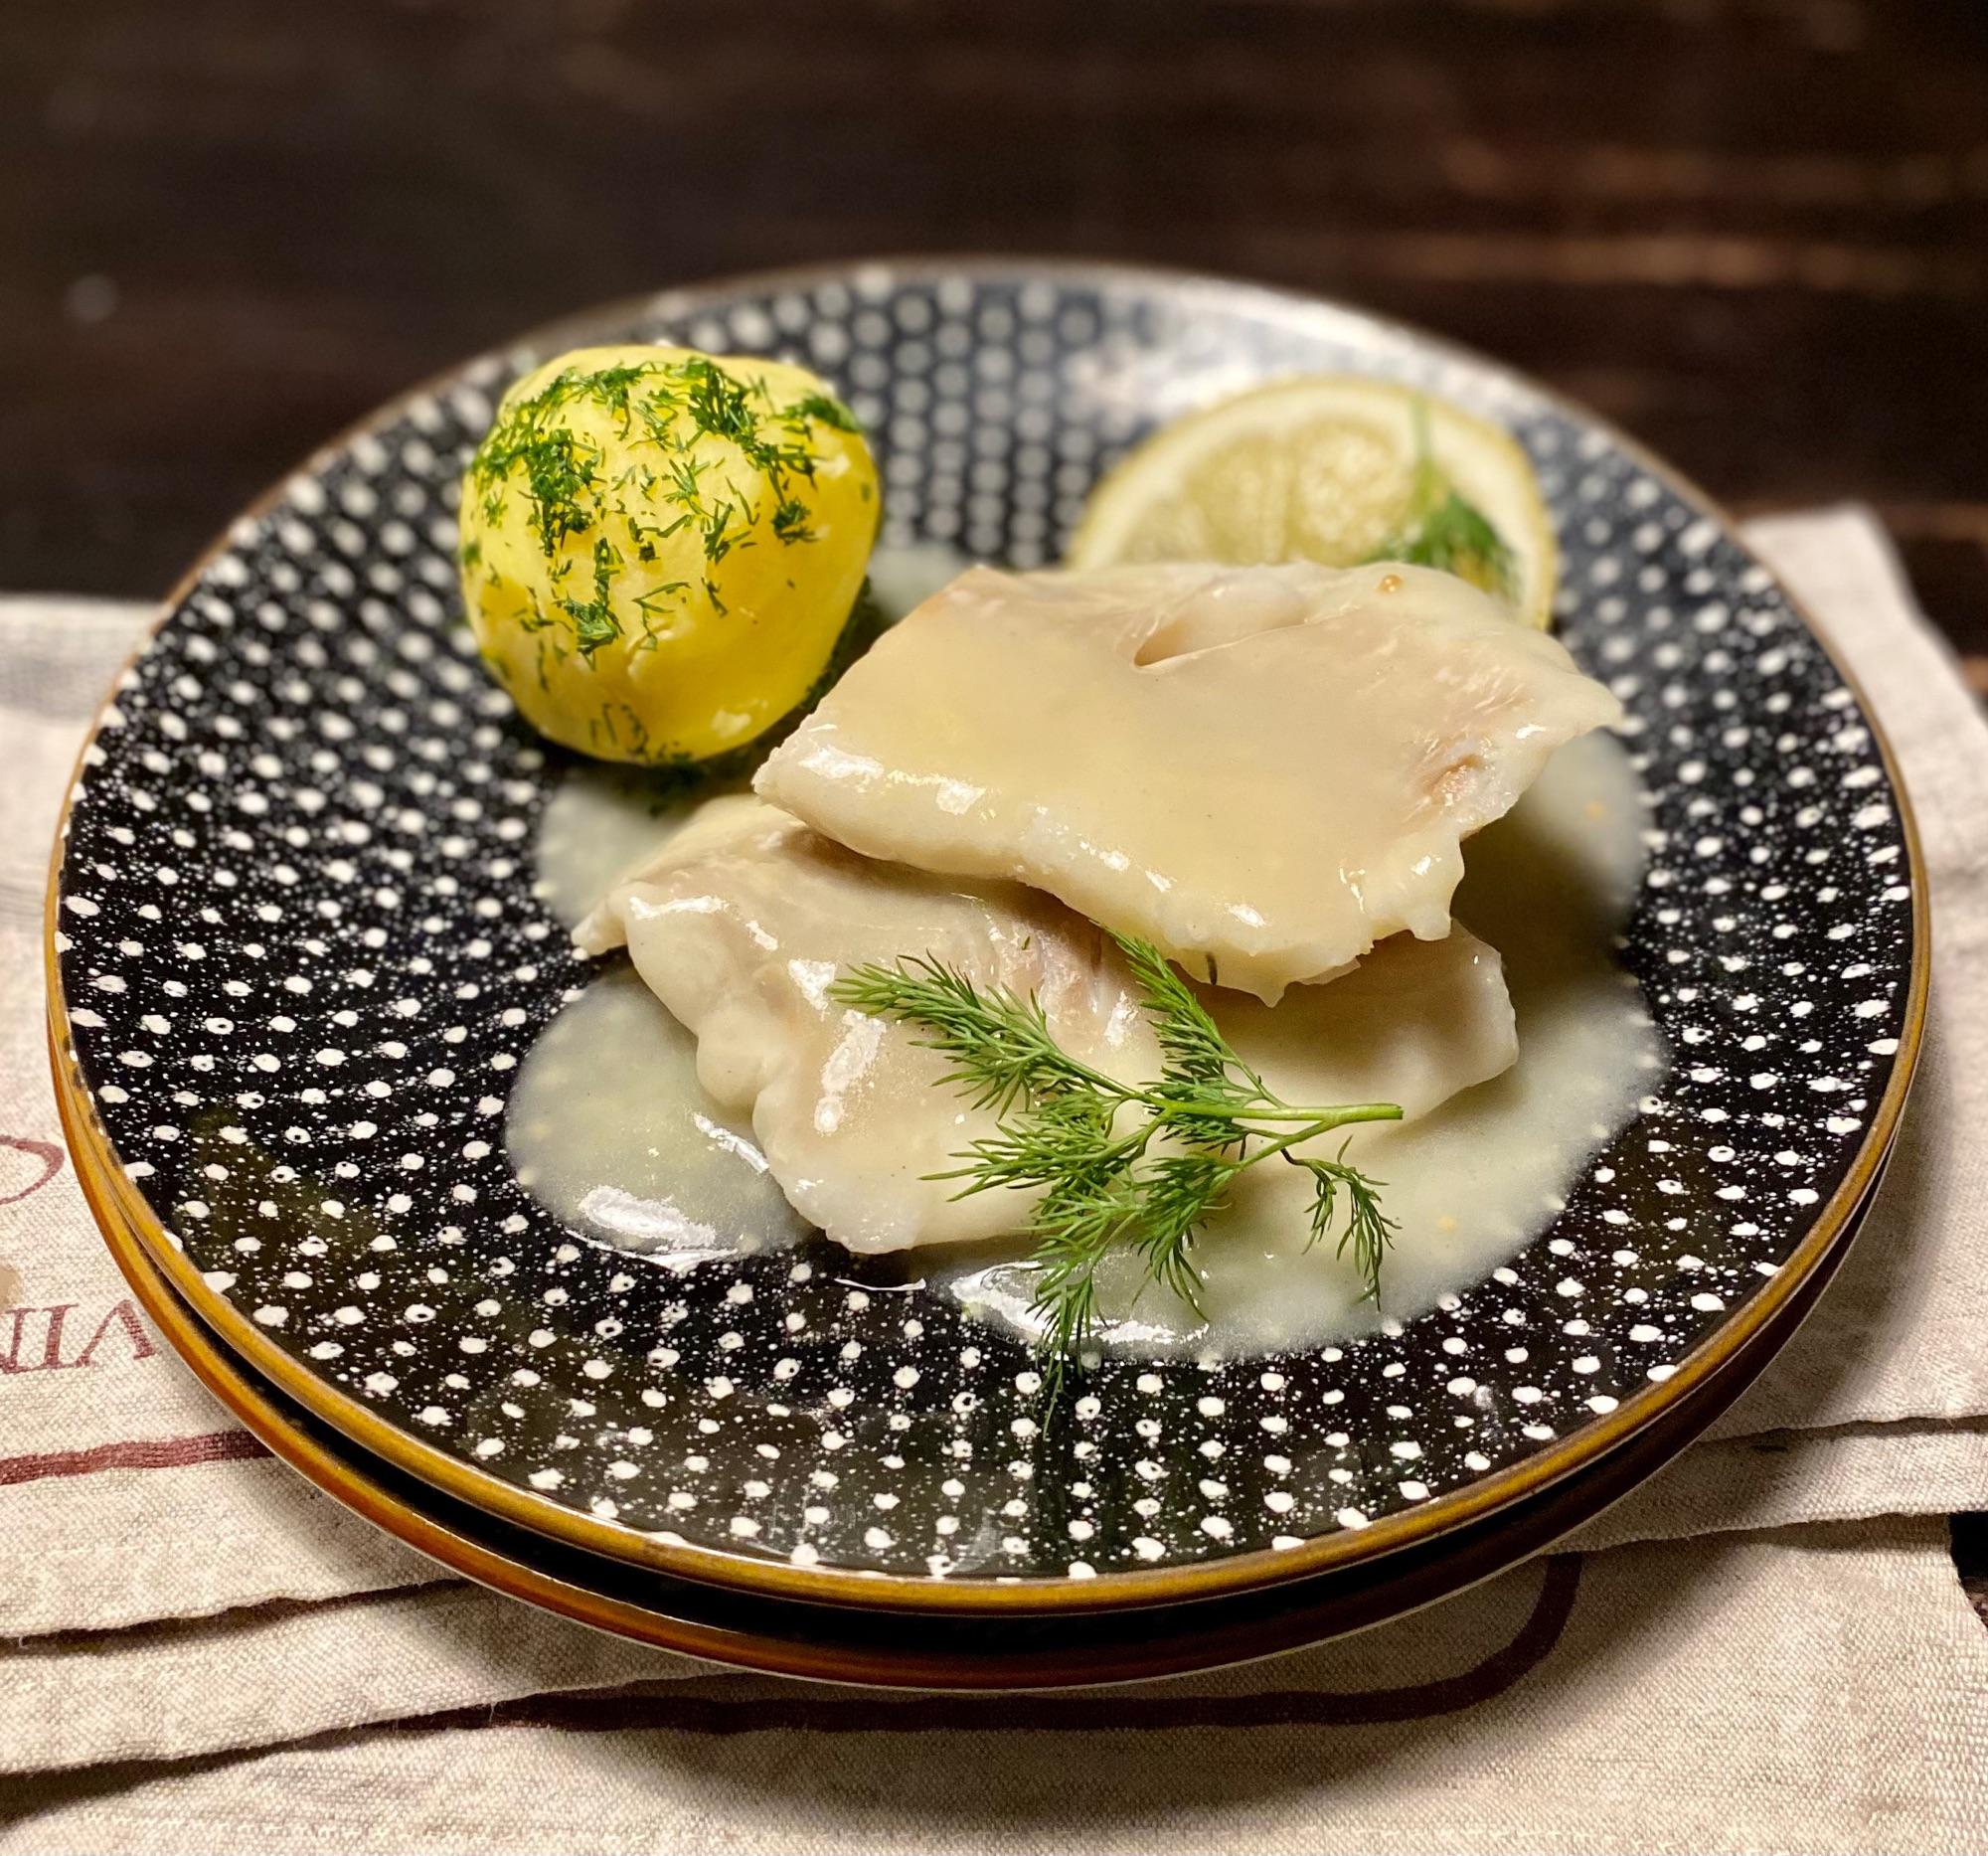 По поводу раунда кухни Северной Германии заглянула в гнигу «Приятного аппетита»  ( Гюнтер Линдер, Кайнц Клоблах, М, 1972) и нашла свой быстрый и вкусный ужин.